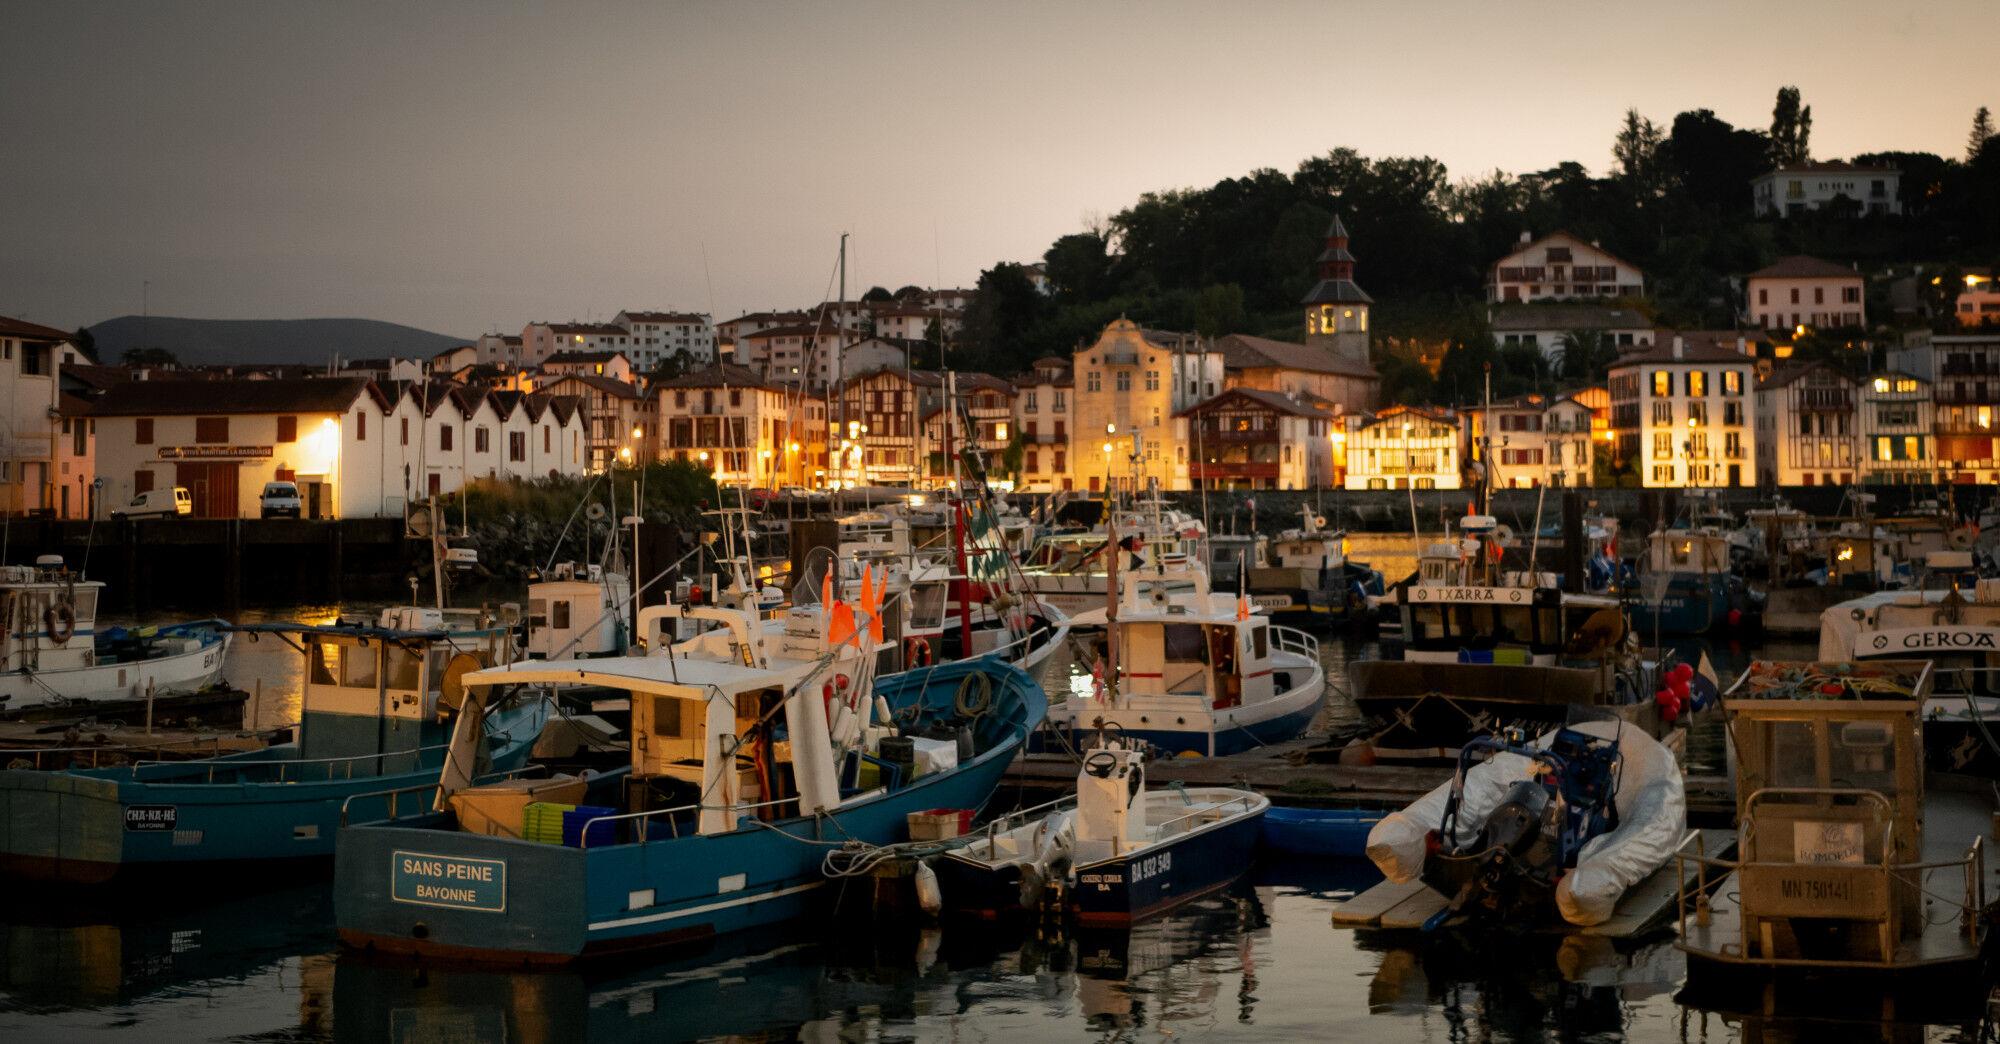 Port de Saint Jean de Luz de nuit, France - Pays Basque, France & Espagne